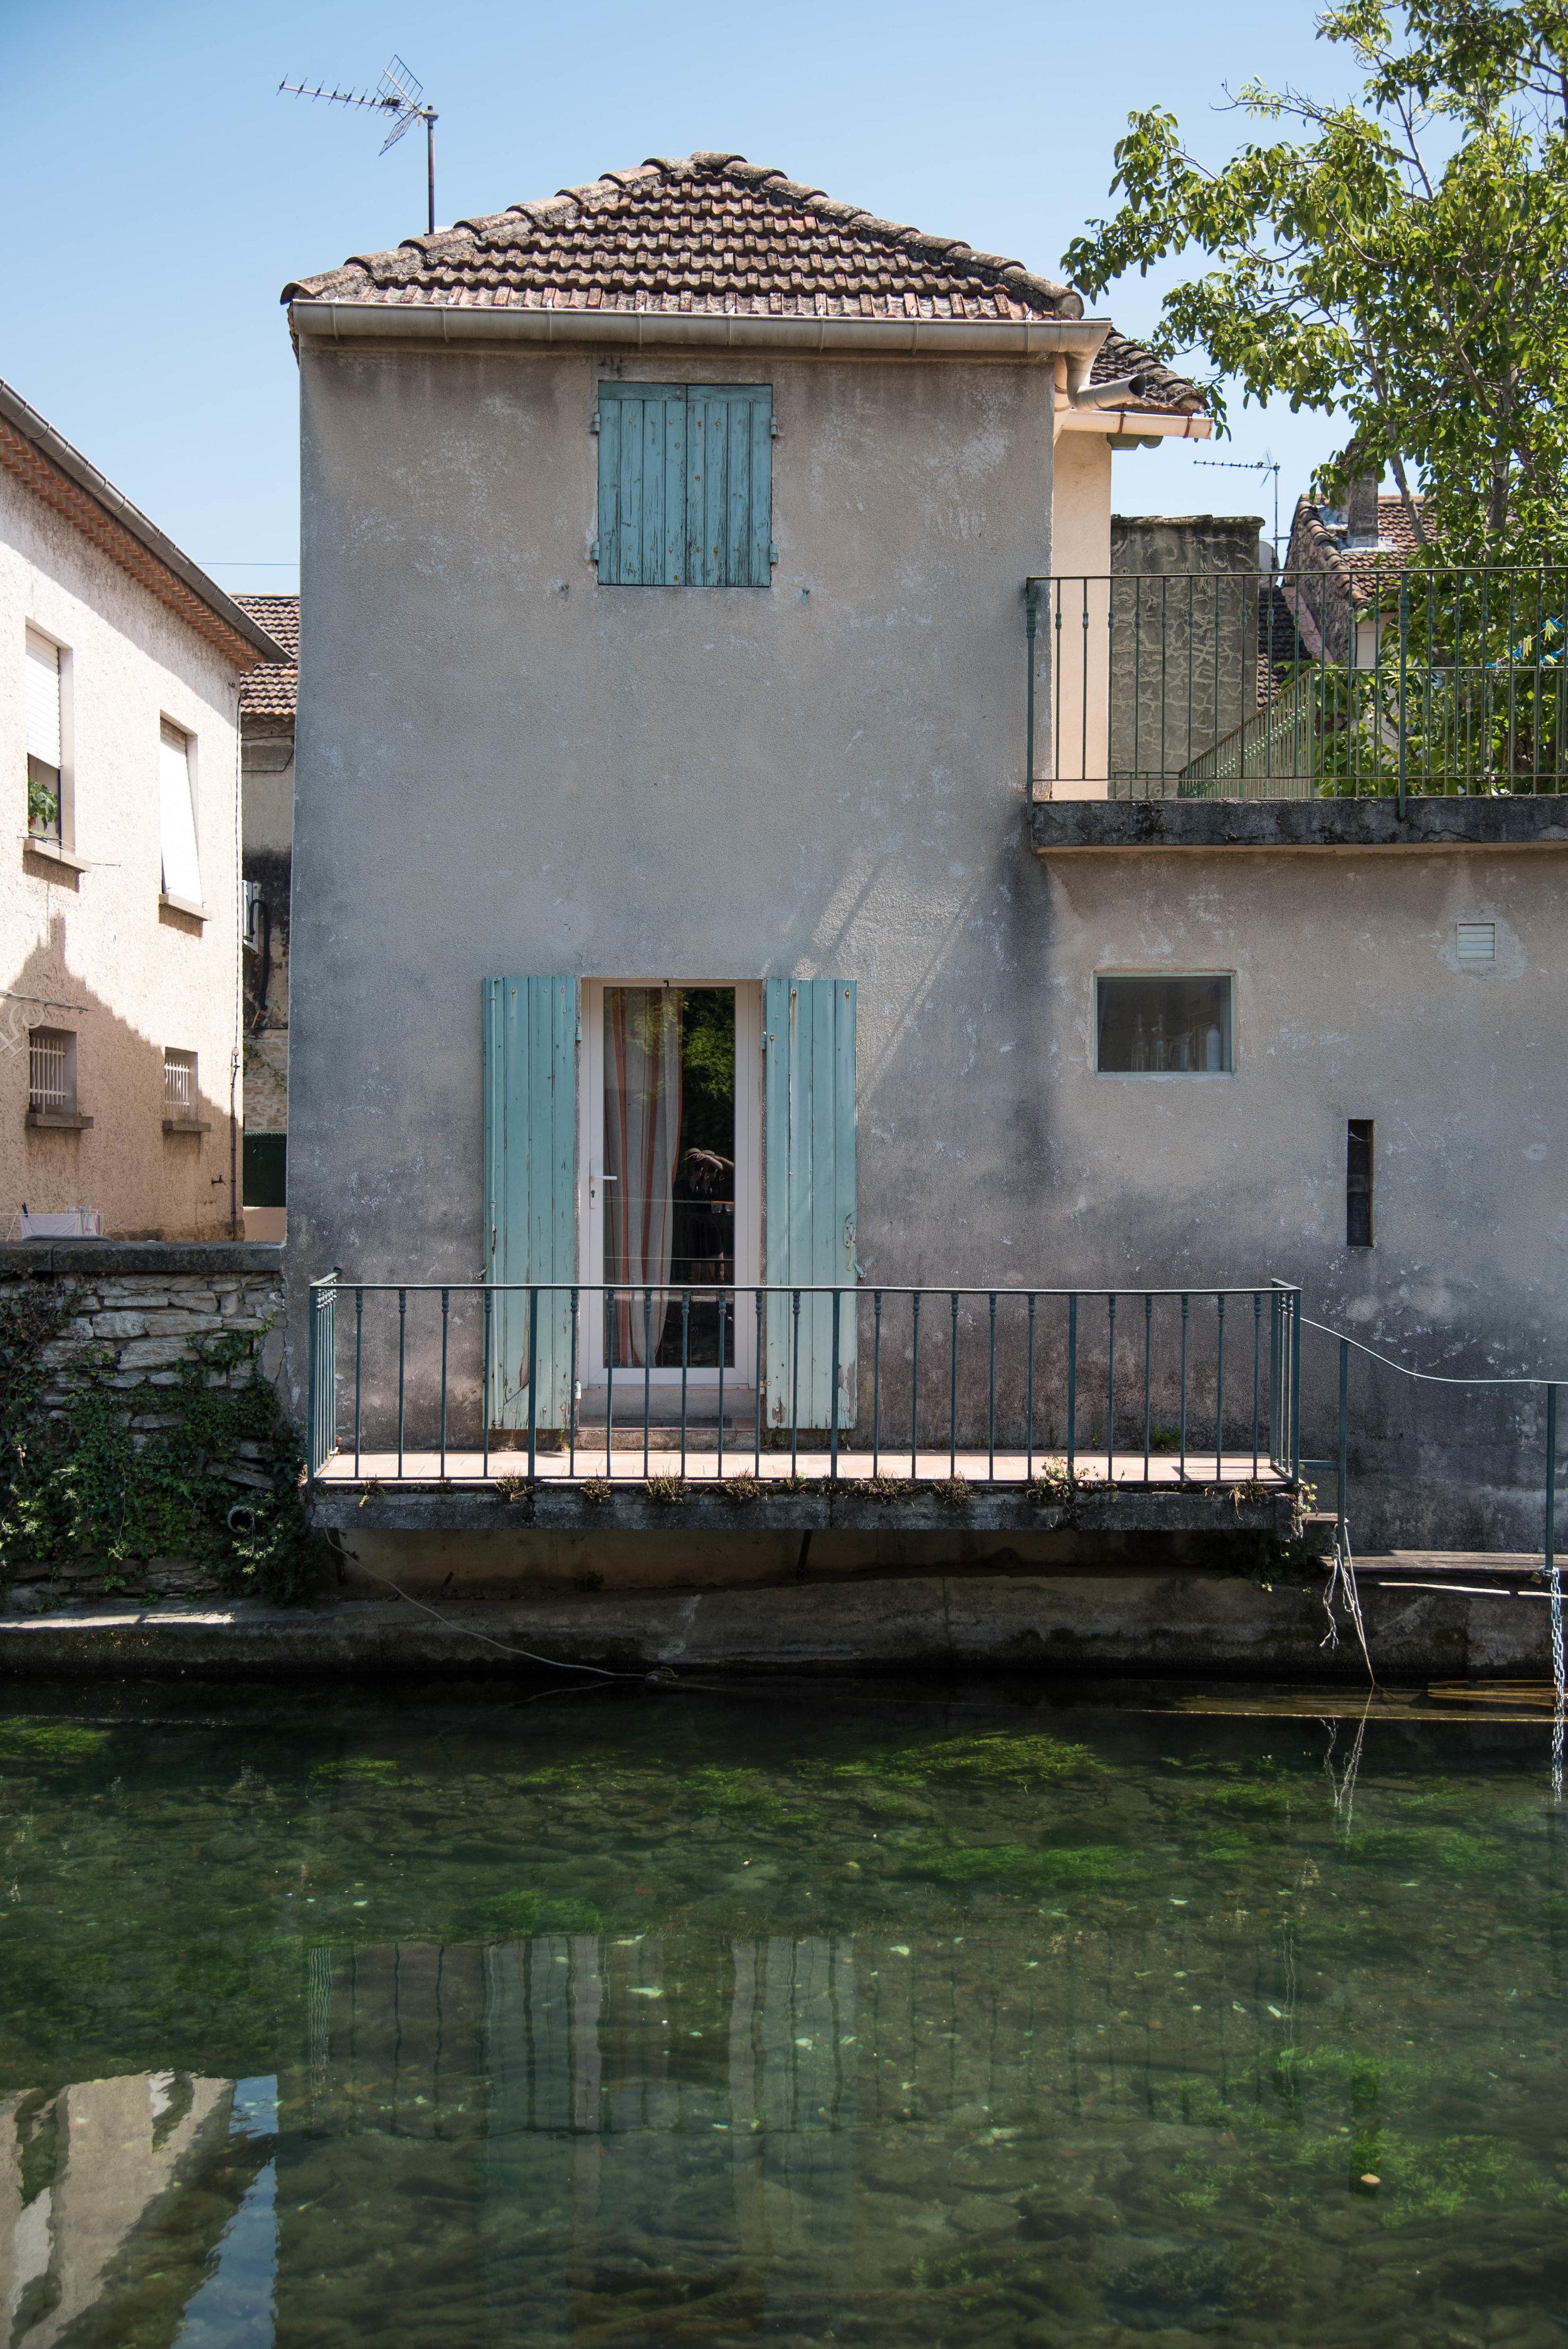 ROSE & IVY Journal Escape | L'Isle Sur La Sorgue, Provence